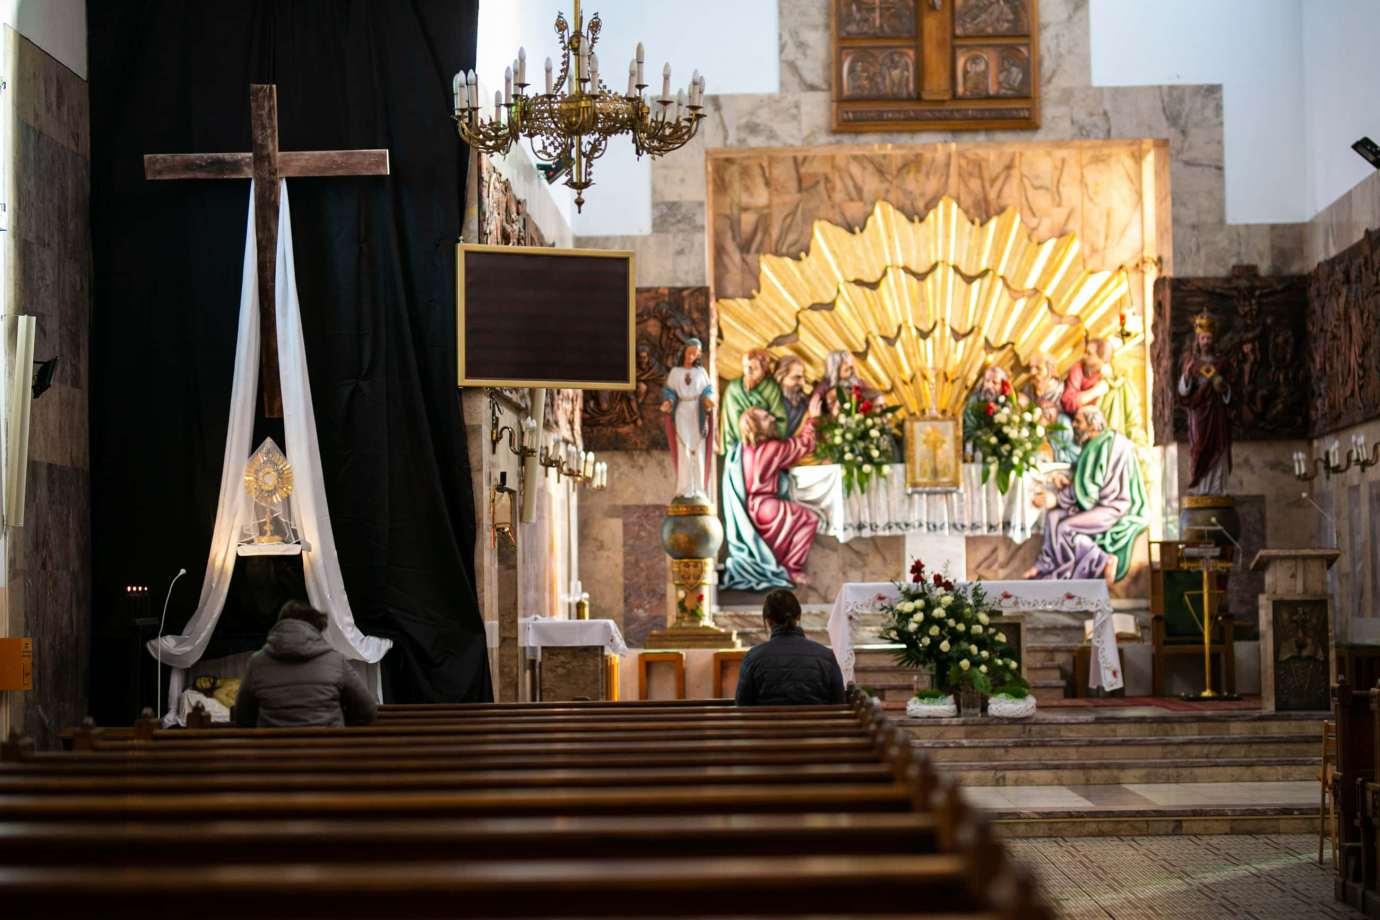 parafia pw swietego krzyza w zamosciu 12 Zdjęcia grobów pańskich w zamojskich świątyniach